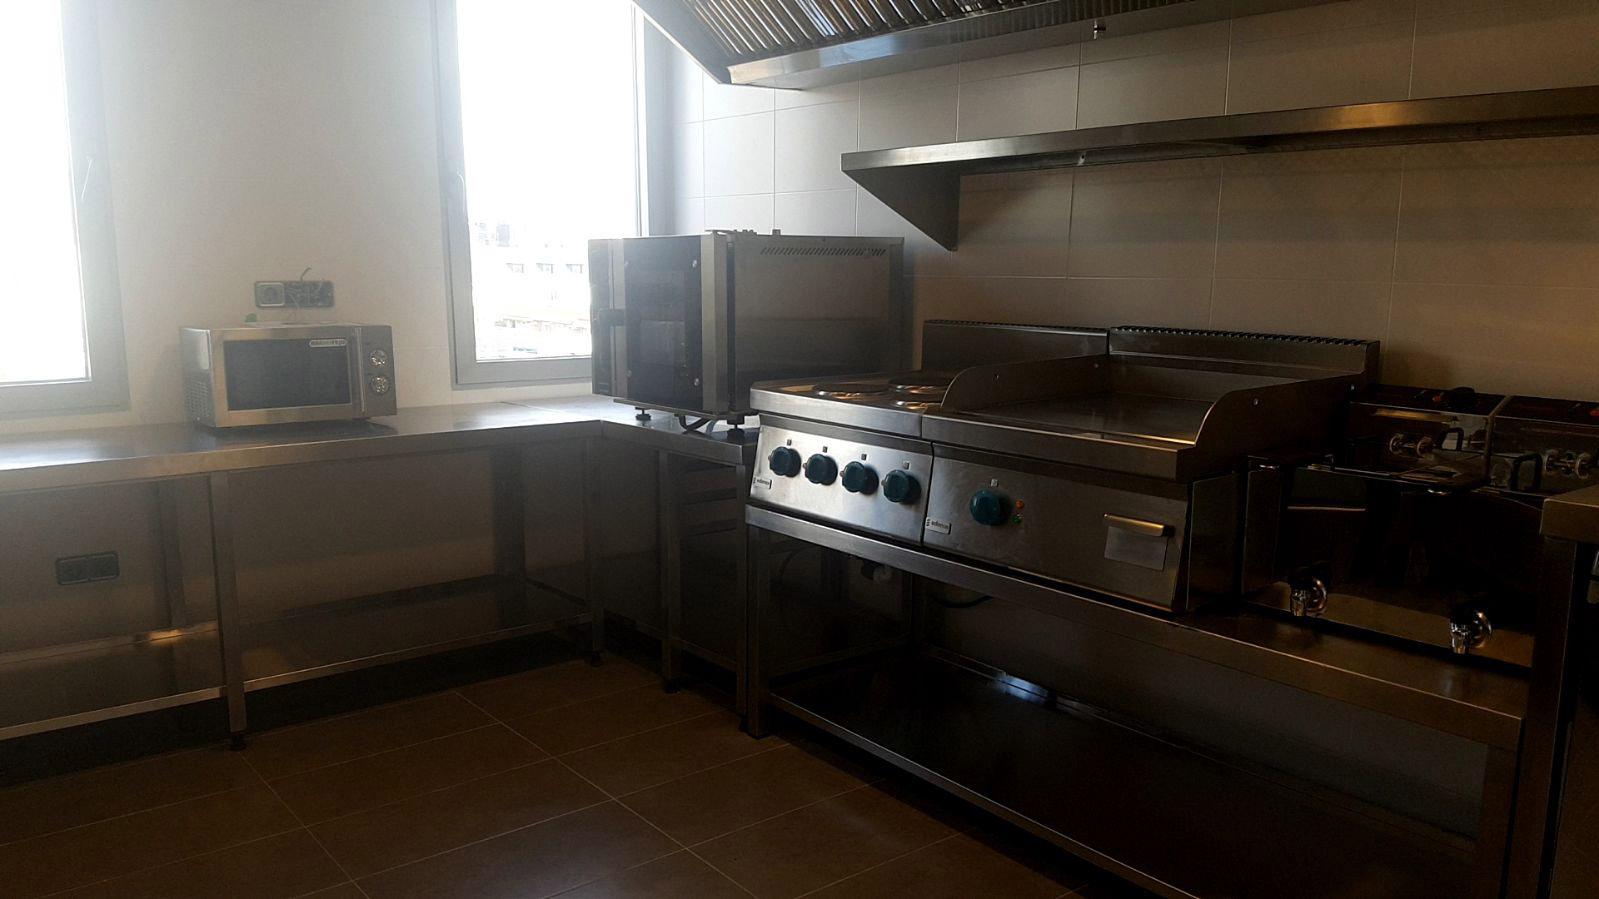 diseño-fabricacion-cocina-mobiliario-maquinaria-direccion-banco-popular-acero-inoxidable-madrid-accesorios2